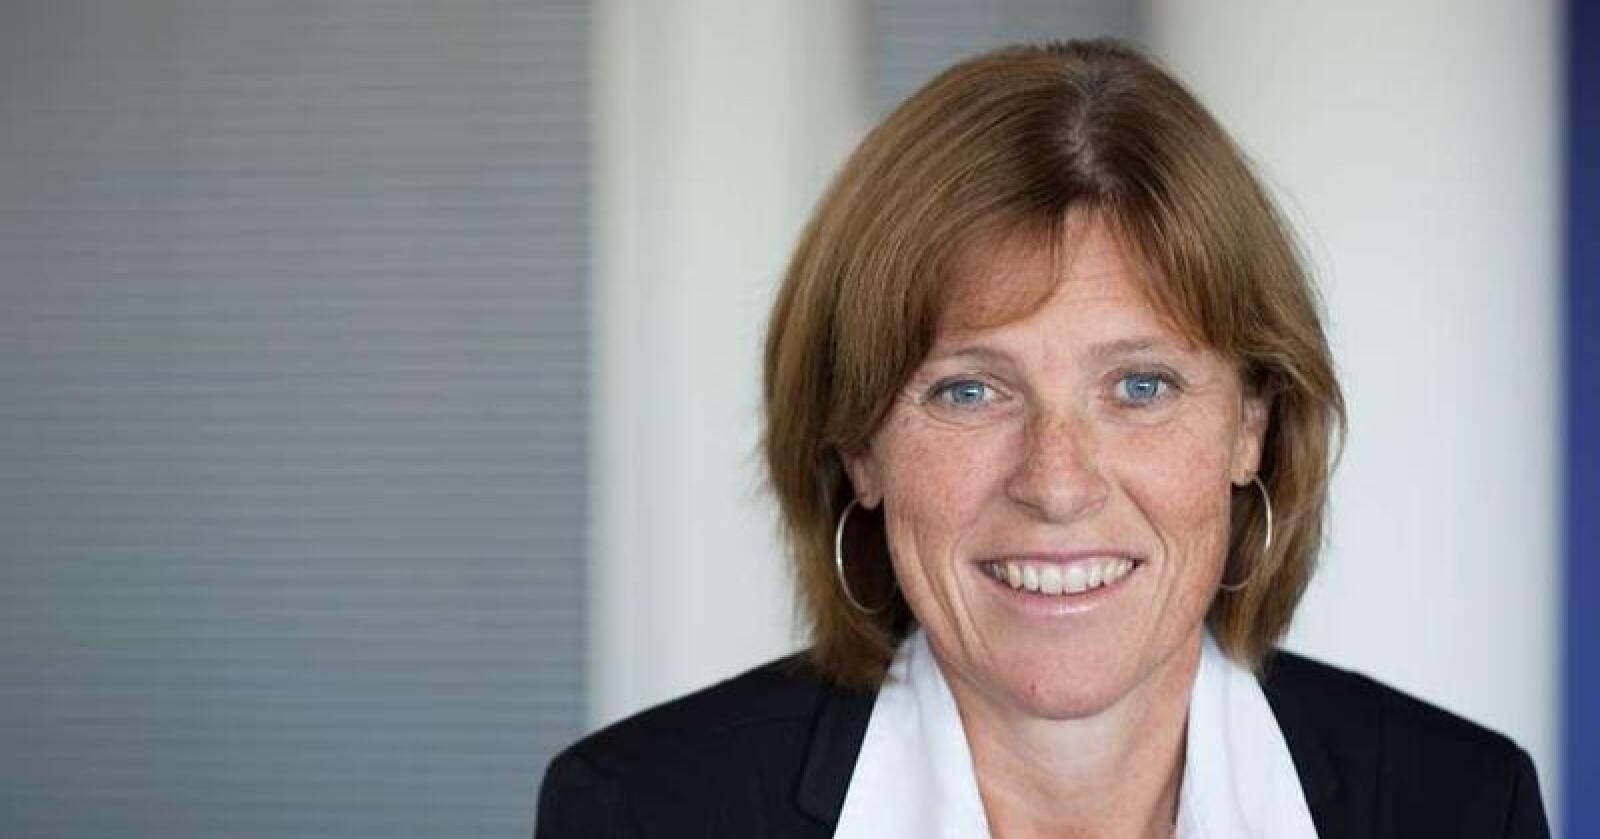 Anne Marit Panengstuen er konsernsjef i Nortura. Hun kommer fra jobben som adm. dir. i Siemens.